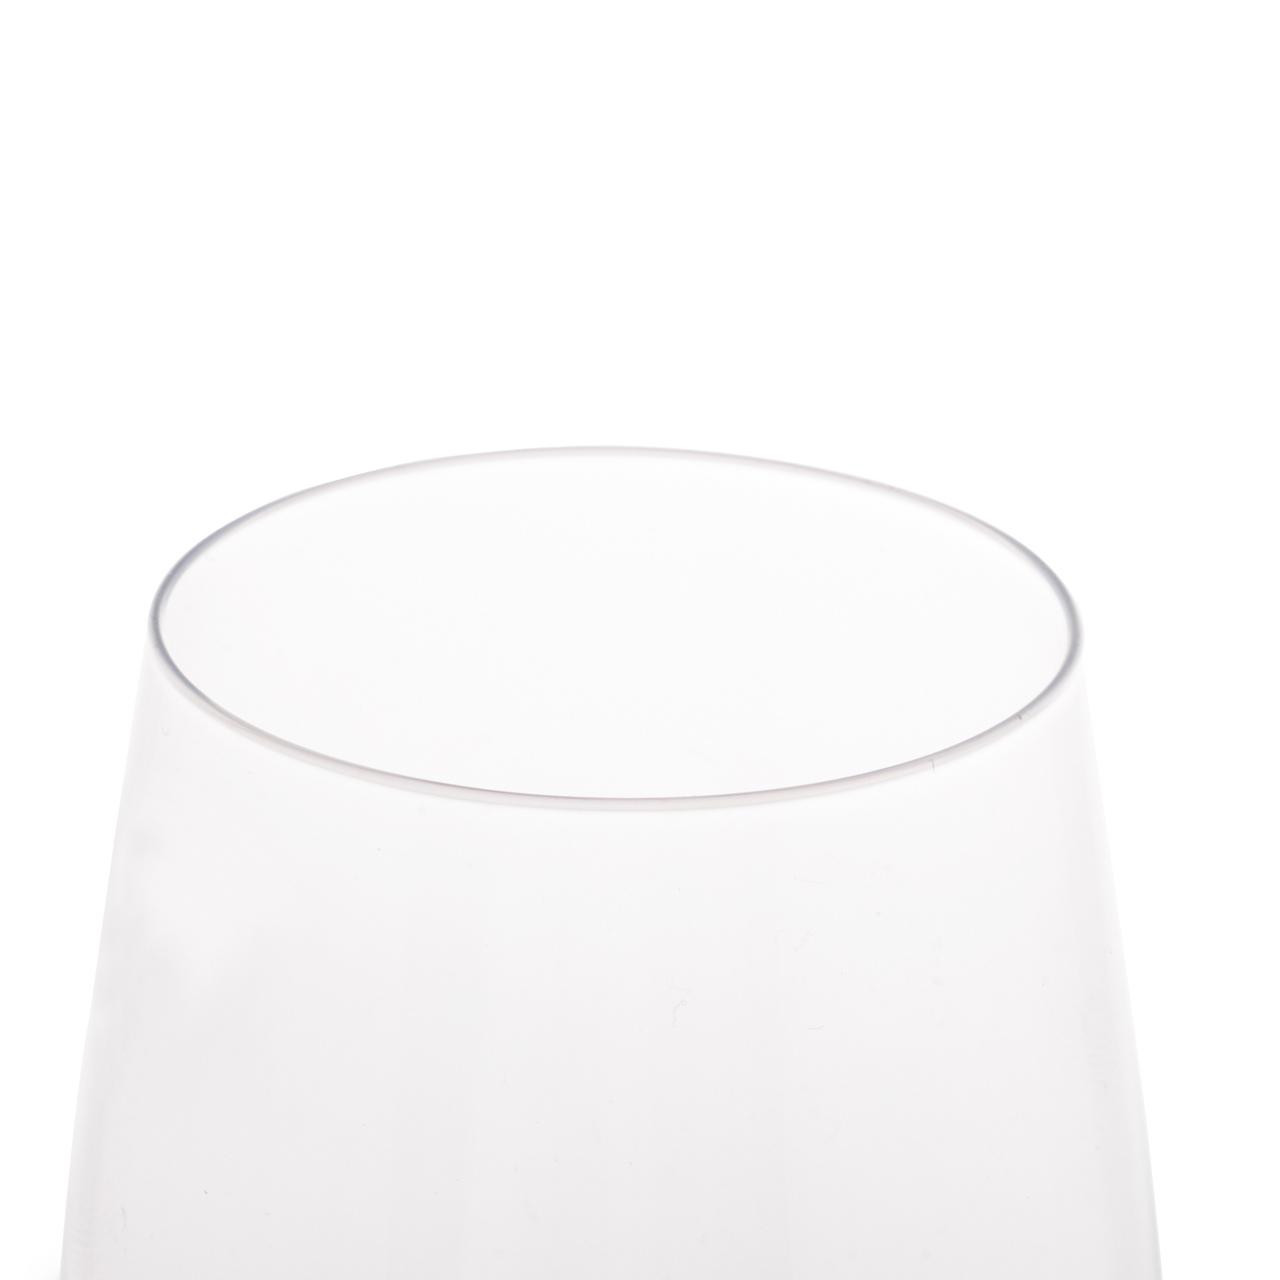 Taça para Degustação Champagne de Cristal Ecologico 220ml  - Lemis